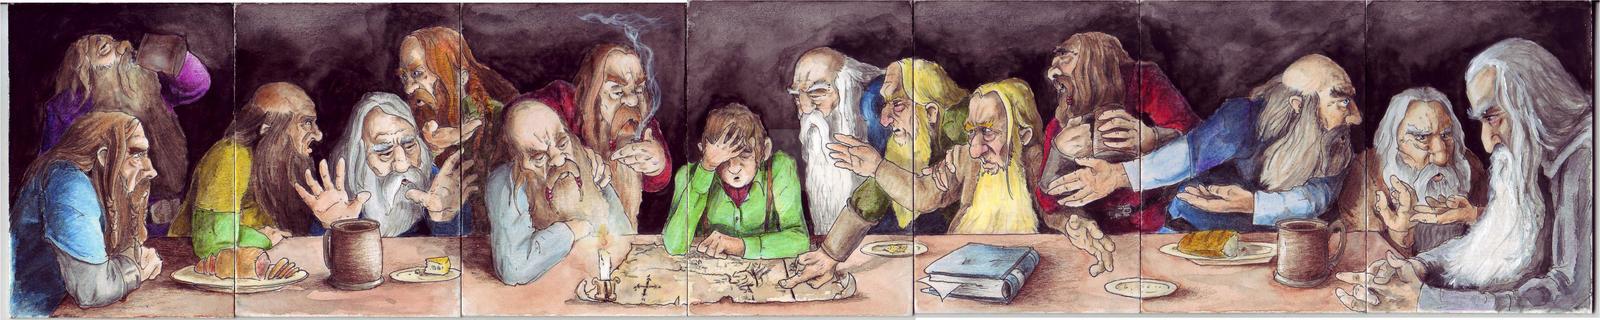 The Hobbit by ringbearer80